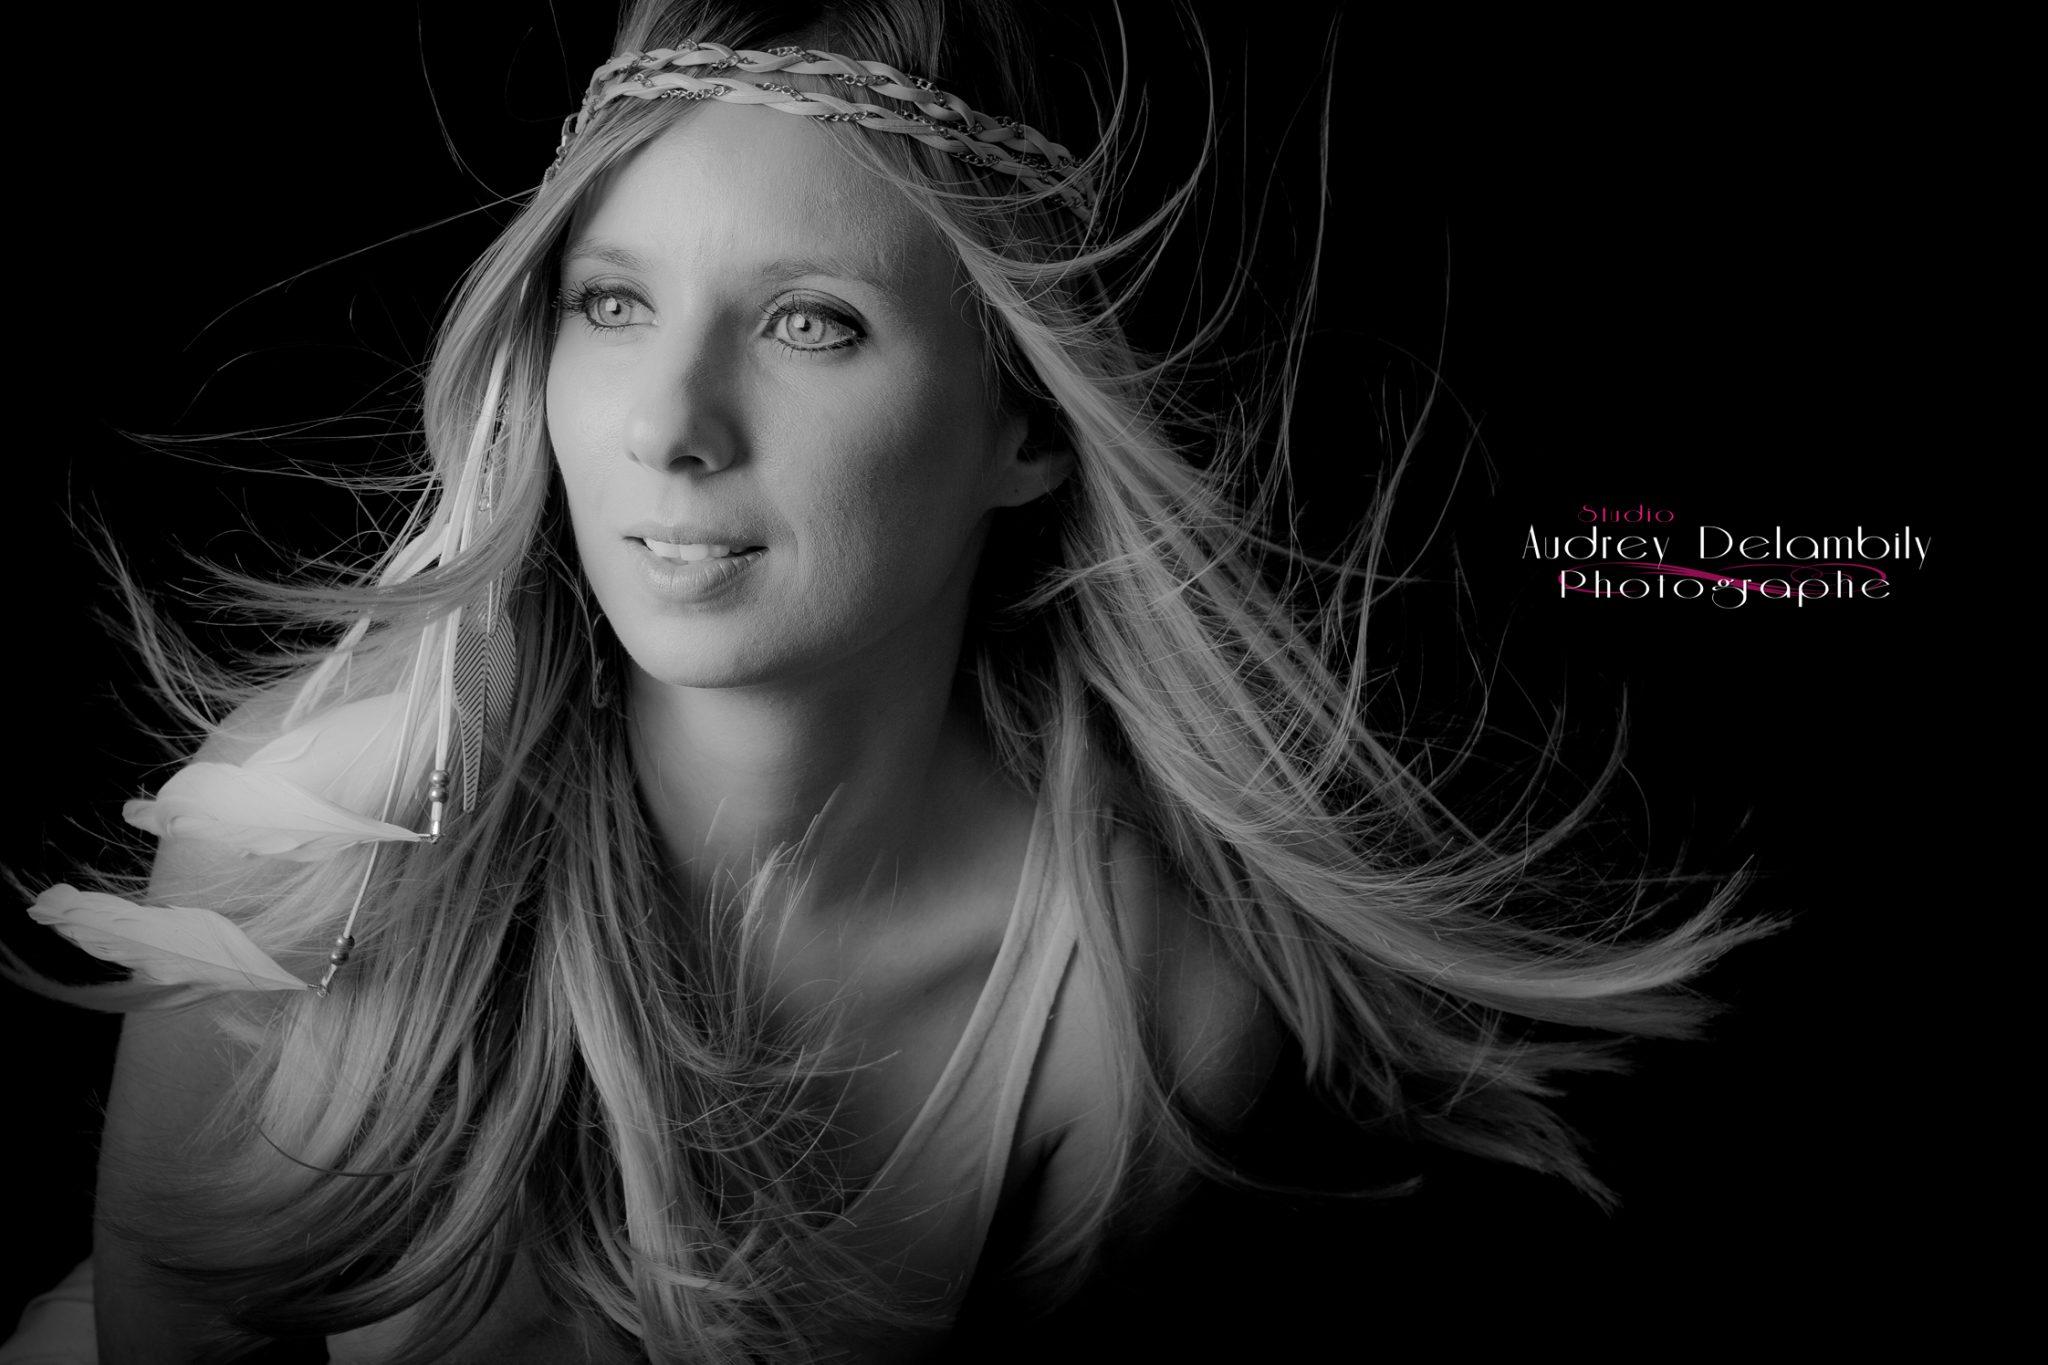 seance-photo-portrait-femme-studio-toulon-audrey-delambily-photographe